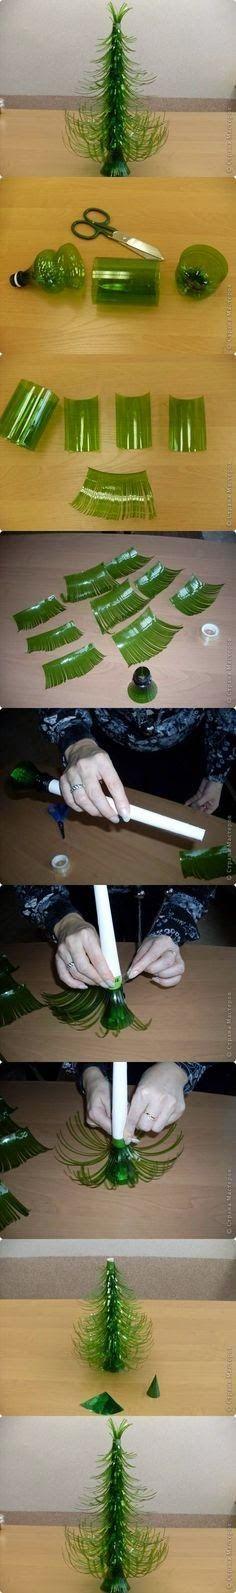 50 Super κατασκευές απο άχρηστα πλαστικά μπουκάλια {Μέρος 2ο} | Φτιάξτο μόνος σου - Κατασκευές DIY - Do it yourself